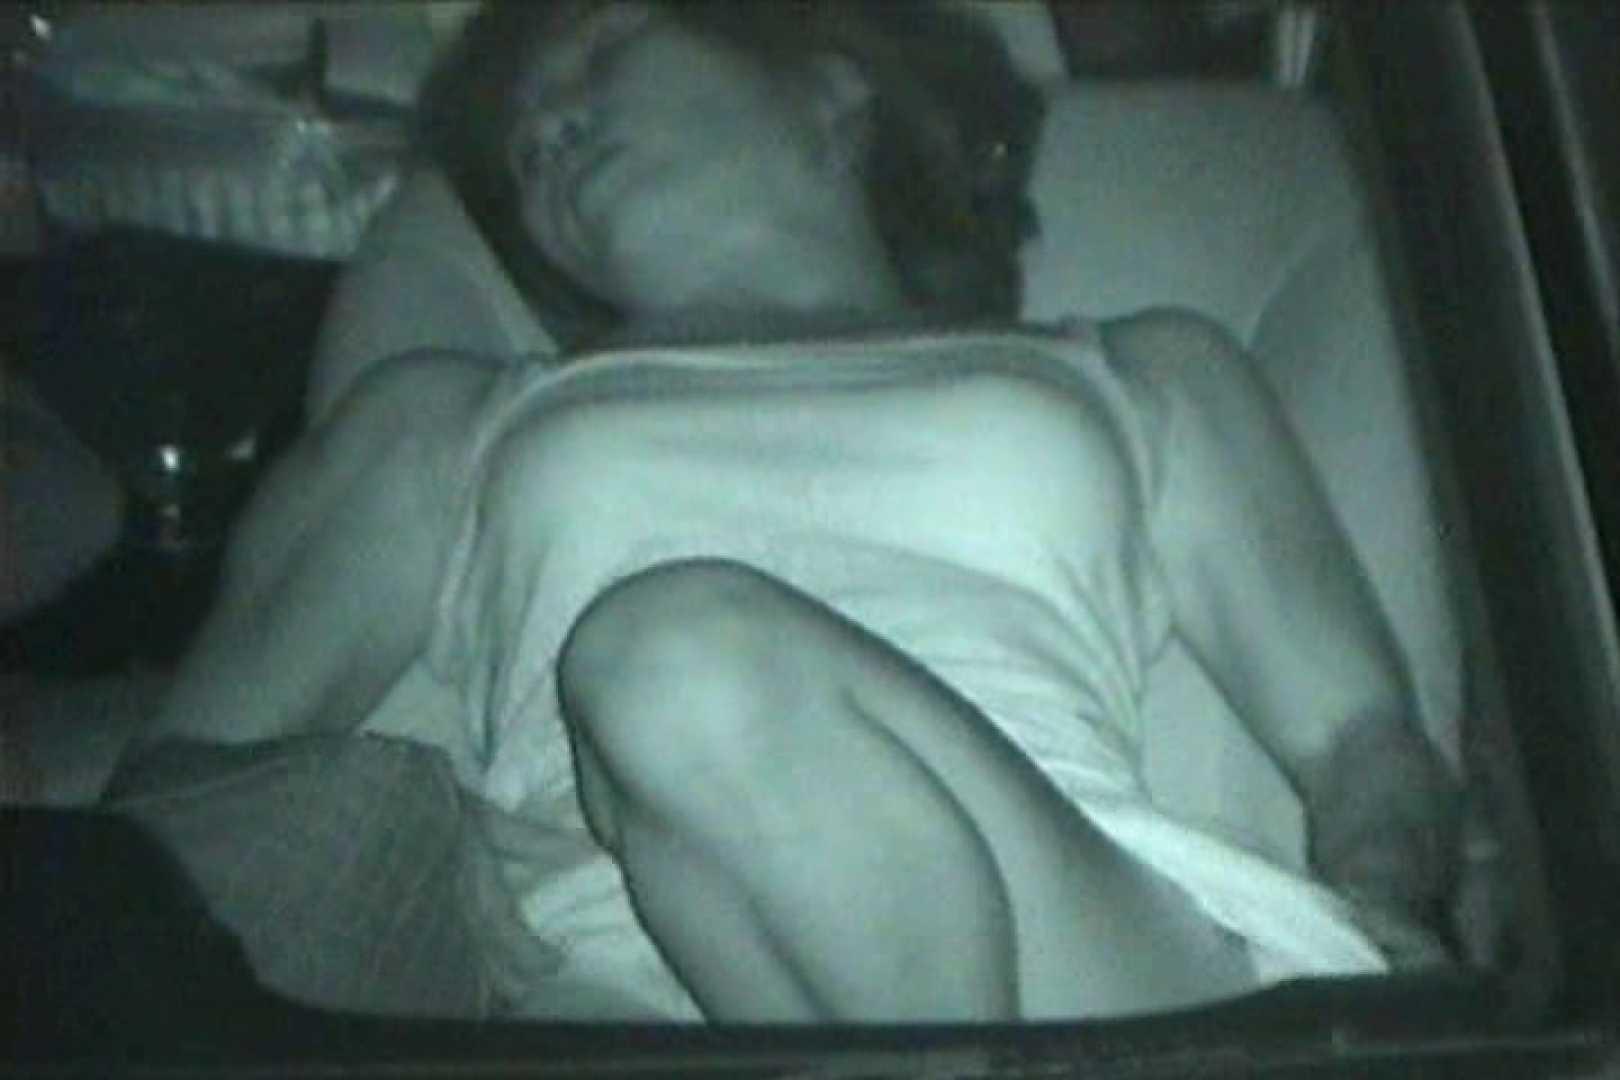 車の中はラブホテル 無修正版  Vol.25 セックス AV無料動画キャプチャ 103PIX 85